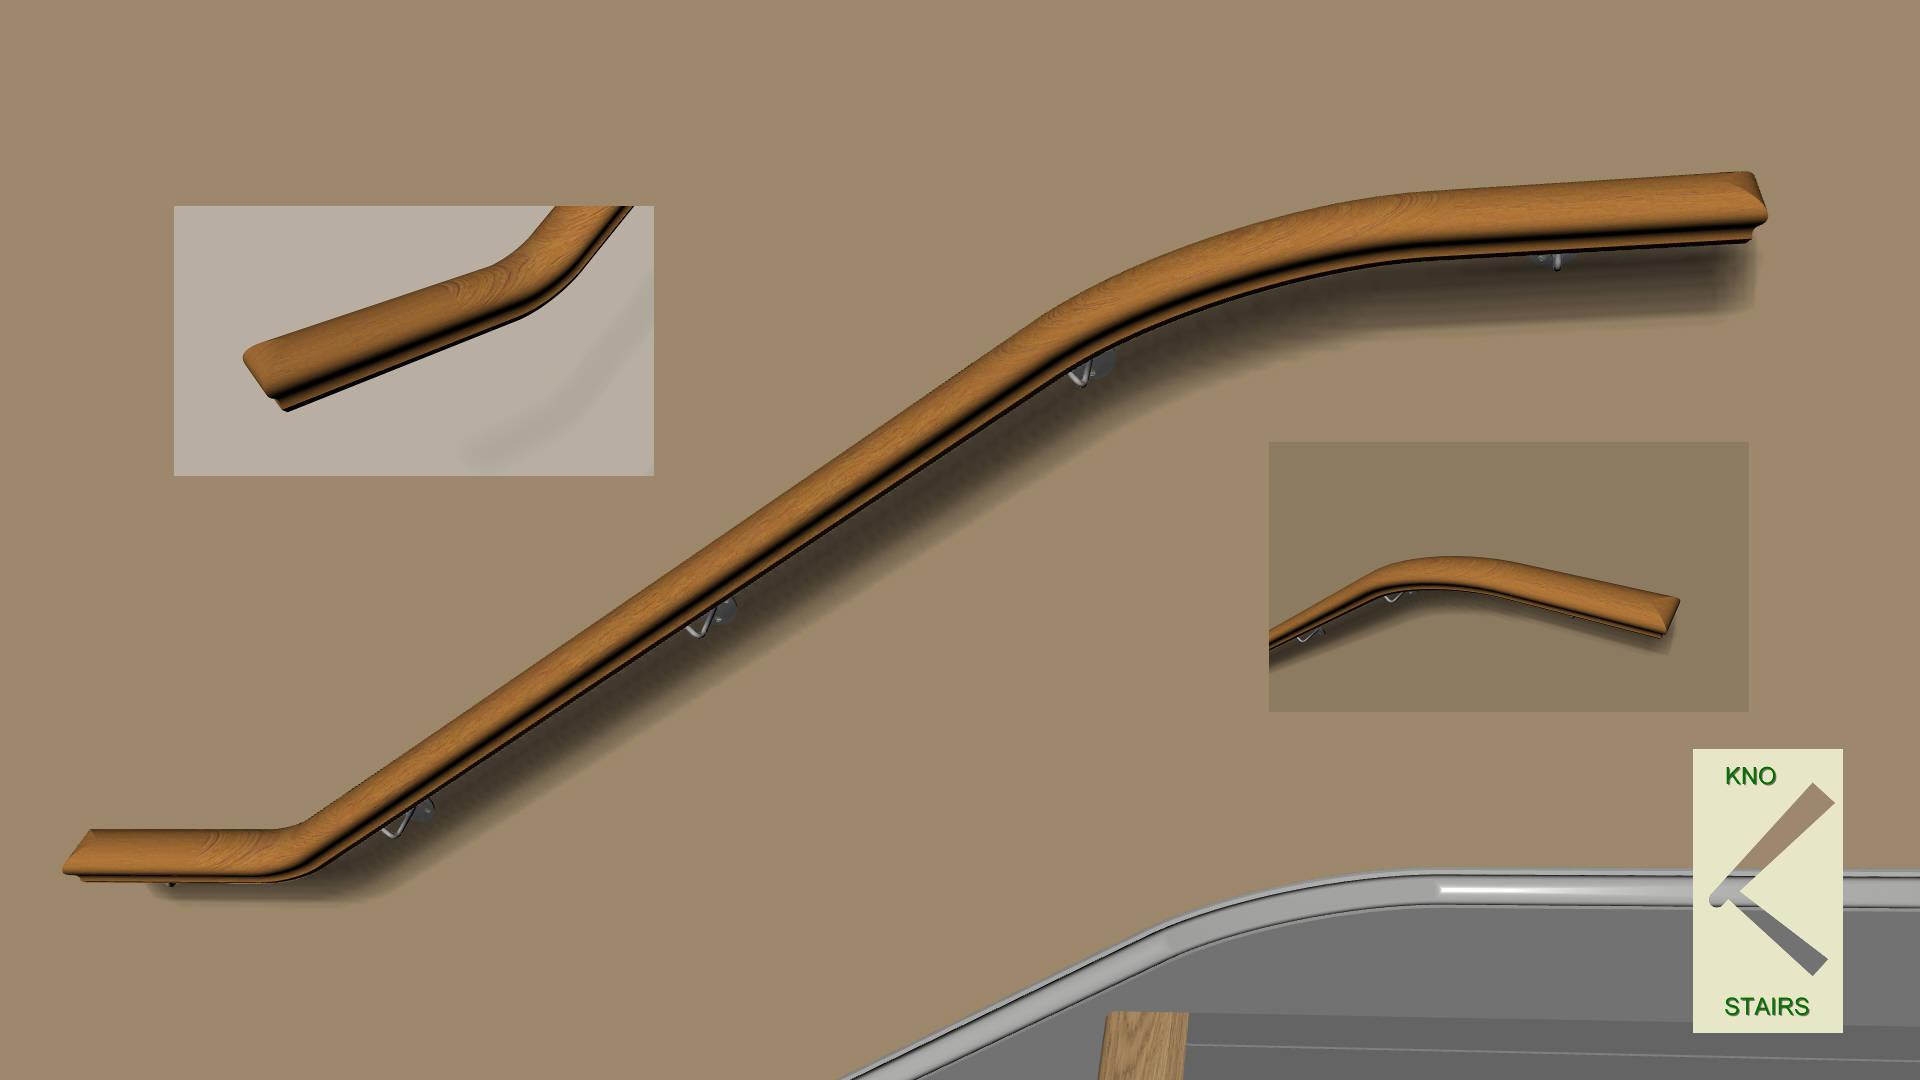 Ramped square profile